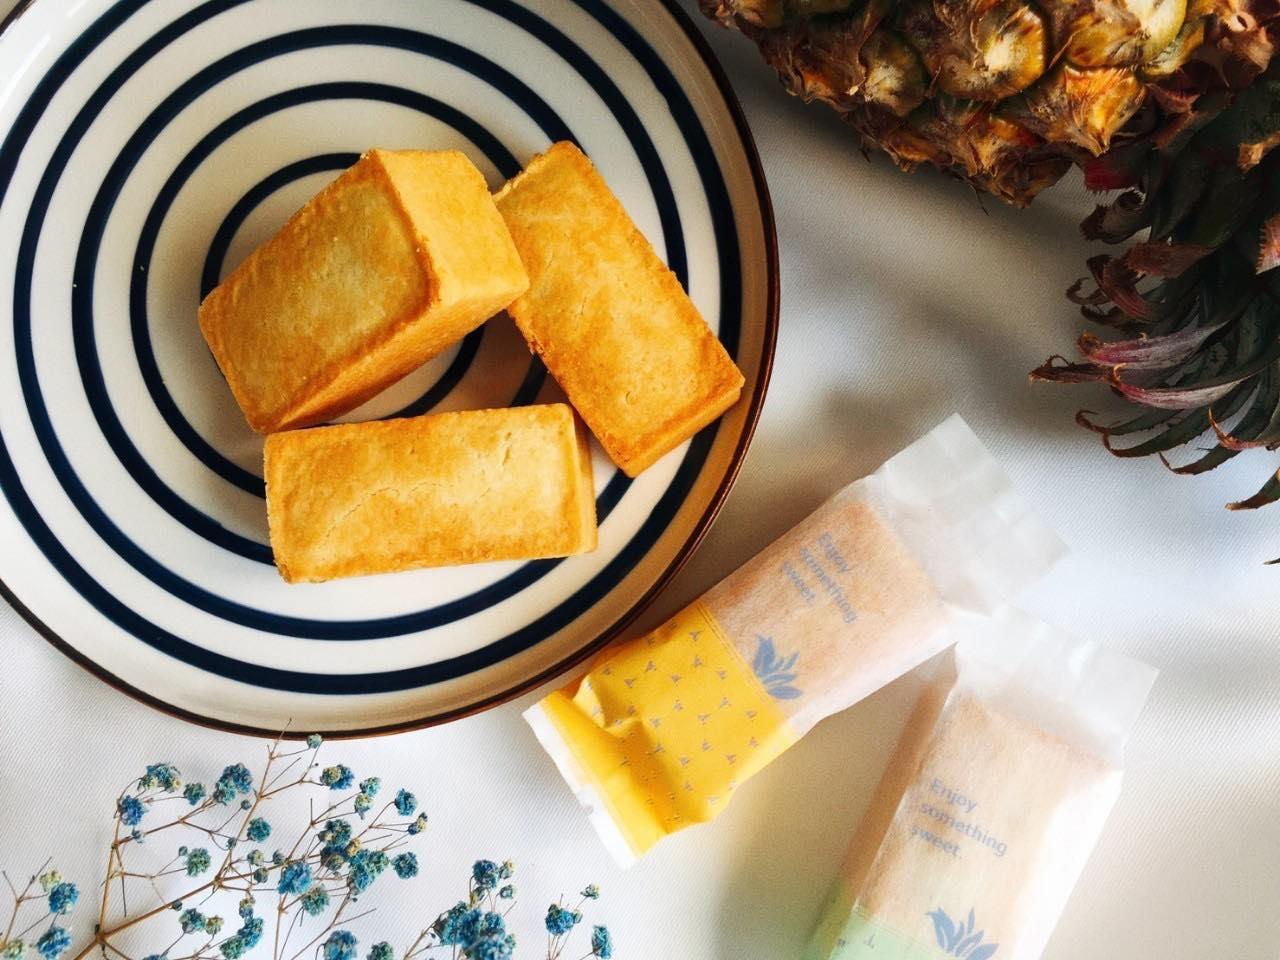 法國奶油鳳梨酥(8入) 繽紛禮盒 艾格巴特EggButter